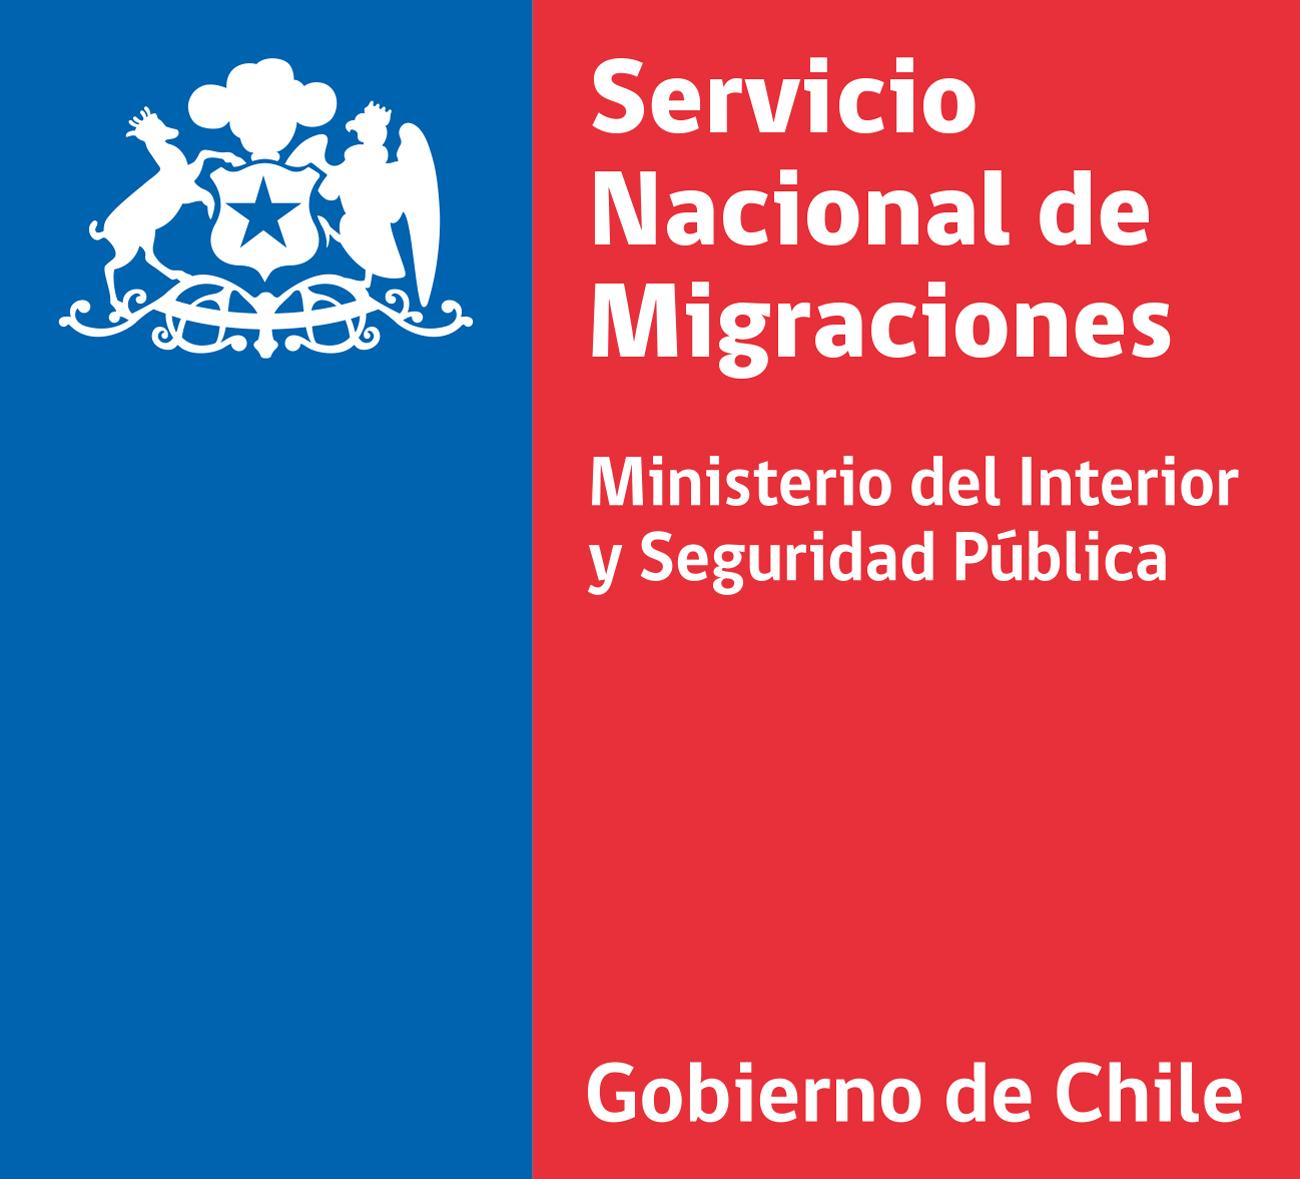 Servicio Nacional de Migraciones